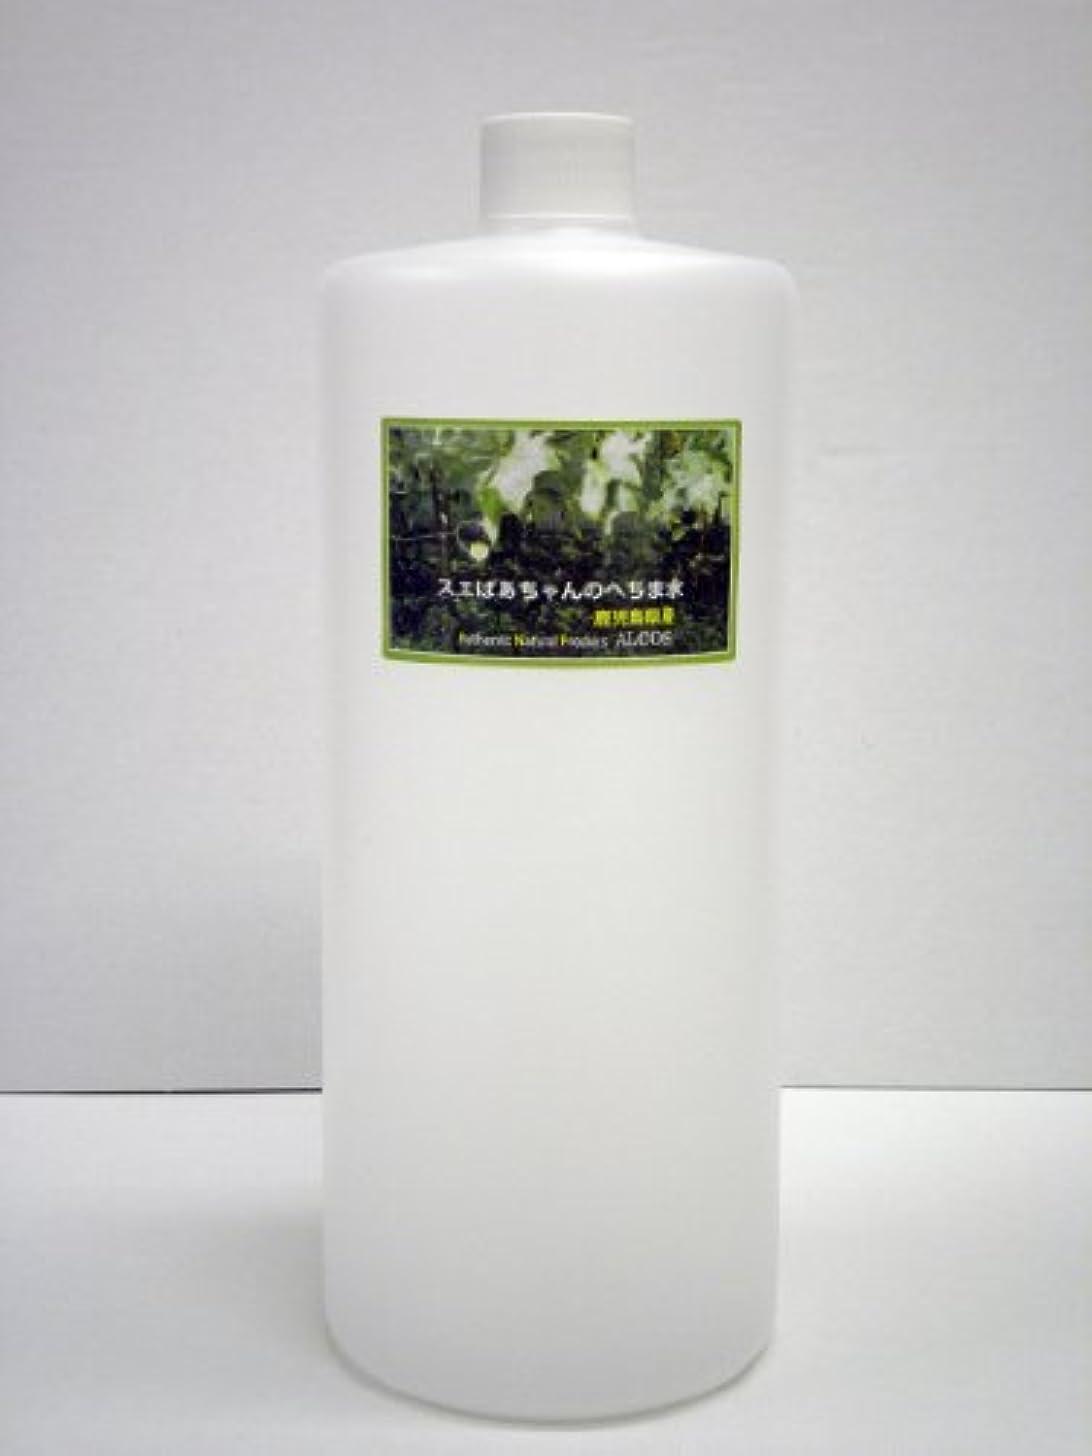 スエばあちゃんのへちま水(容量1000ml)鹿児島県産?有機栽培(無農薬) ※完全無添加オーガニックヘチマ水100% ※商品のラベルはスエばあちゃんのへちま畑の写真です。ALCOS(アルコス) 天然へちま水 [1000]